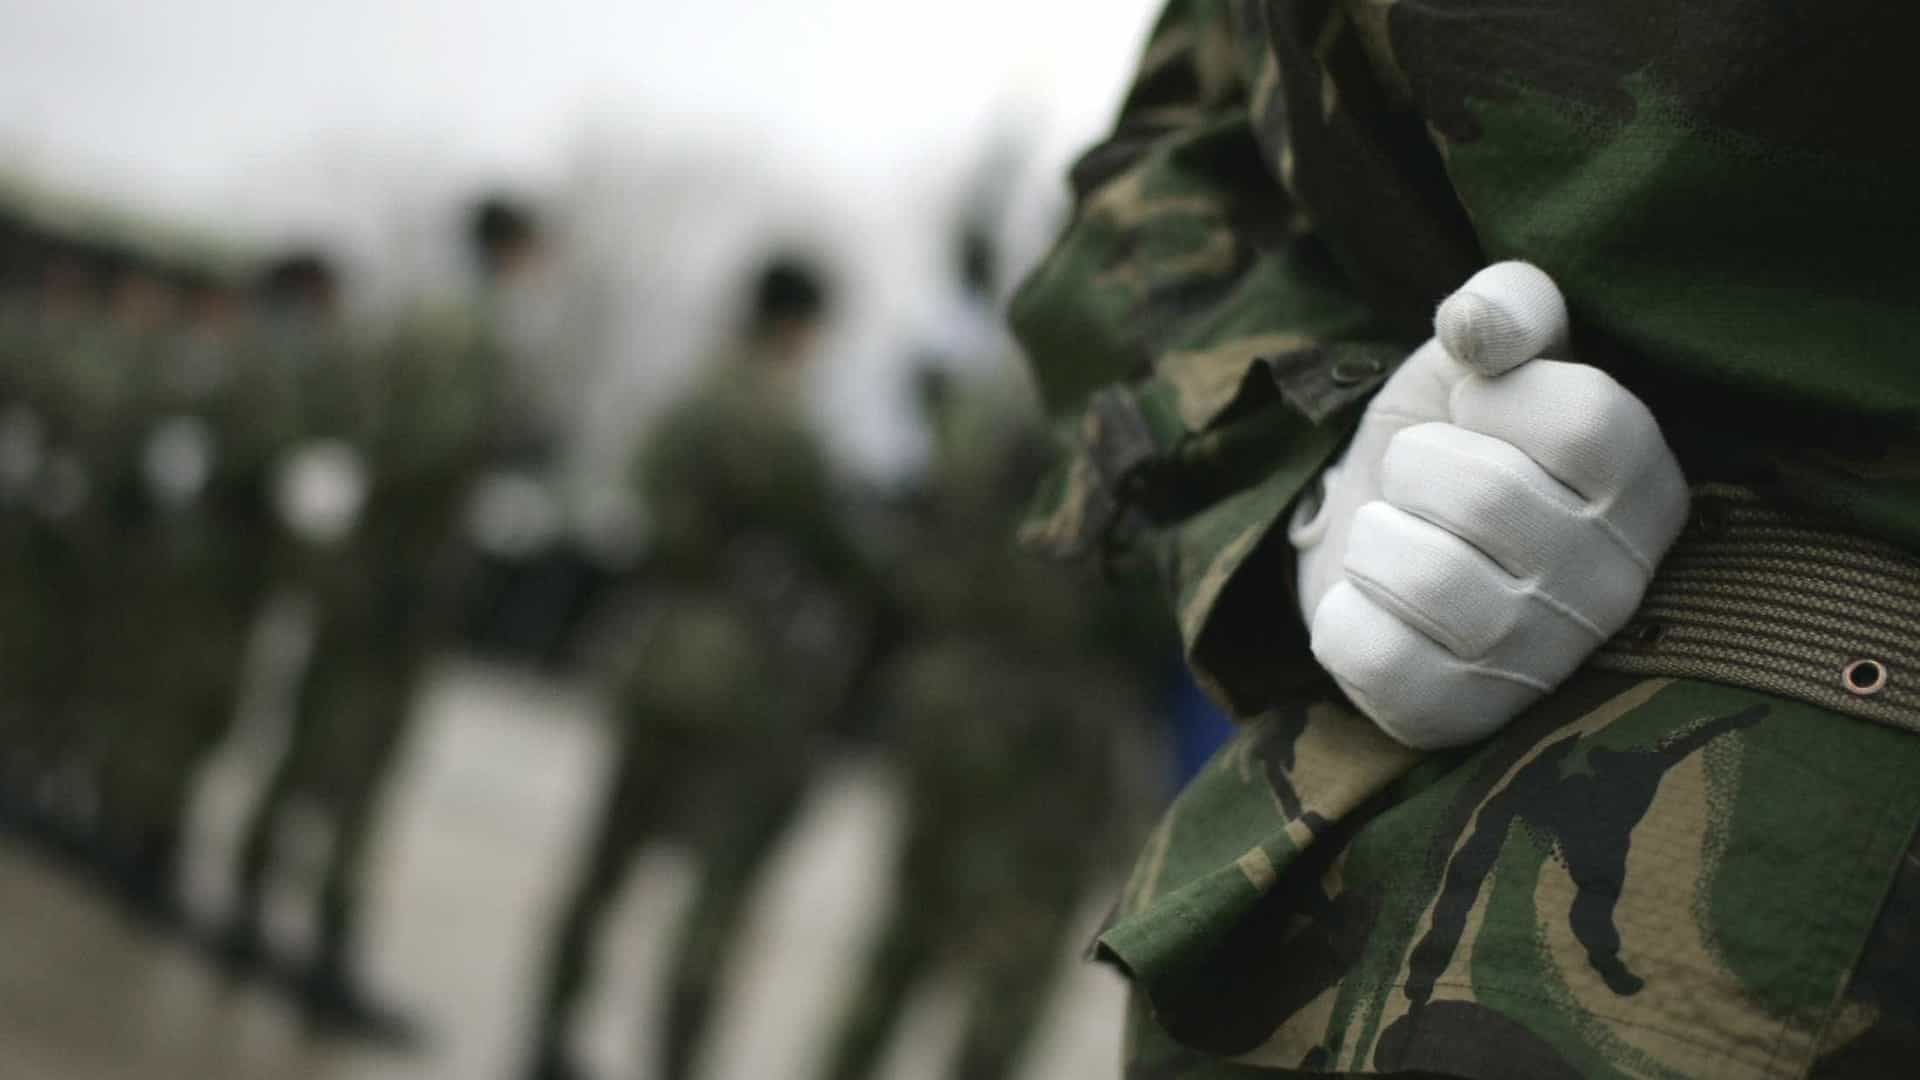 Detidos cinco suspeitos do ataque que matou militar português no Mali